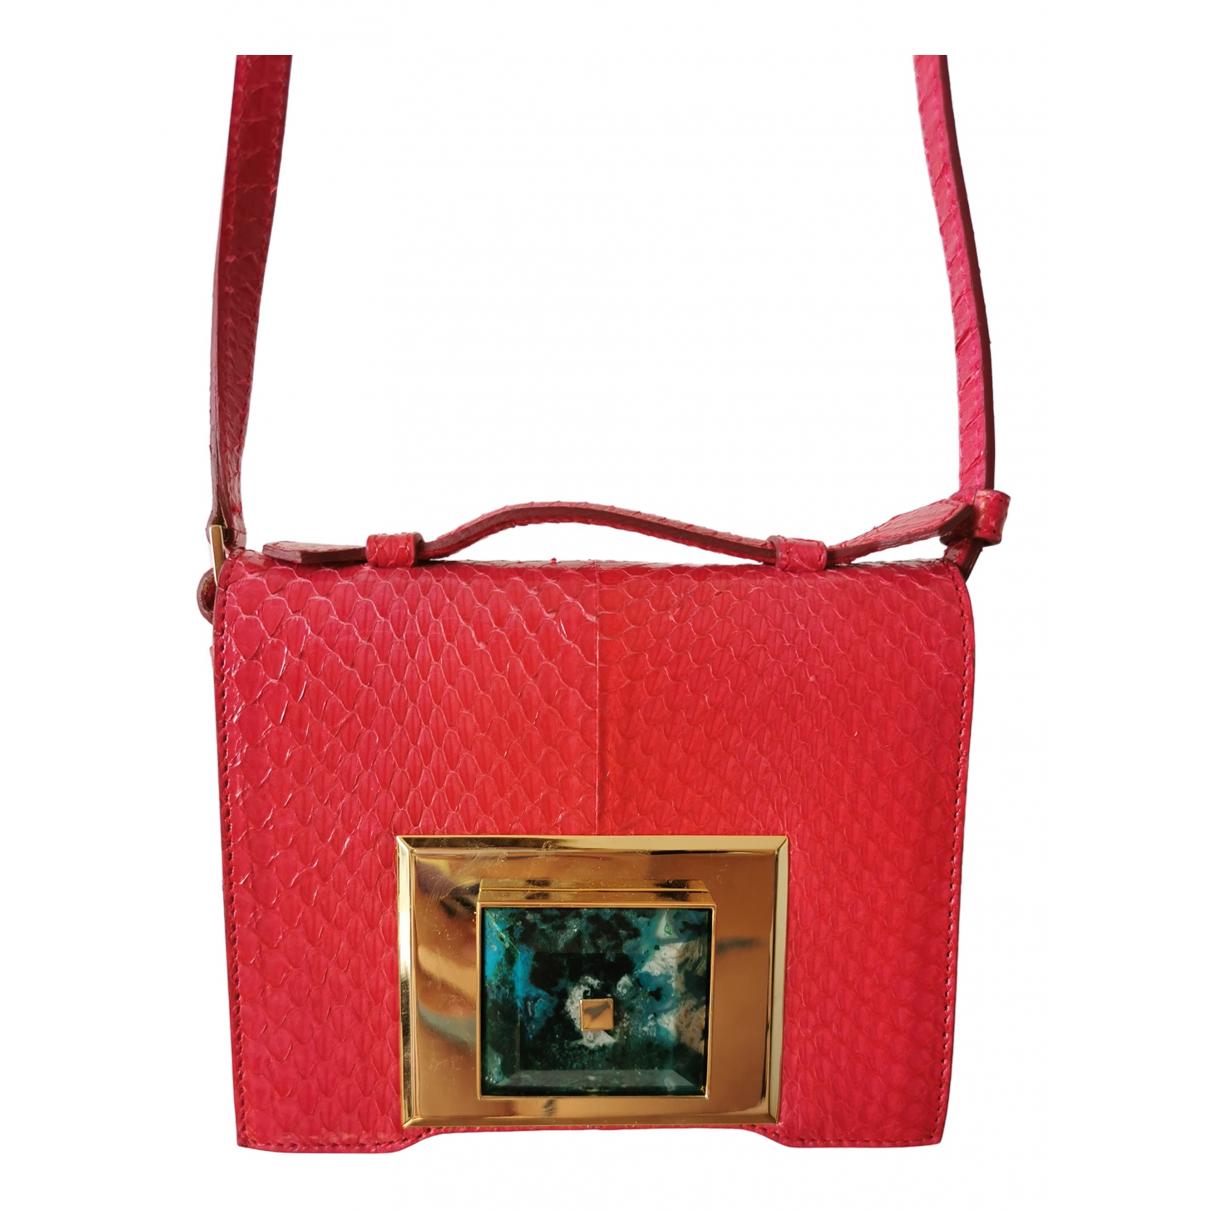 Andrew Gn \N Pink Water snake handbag for Women \N